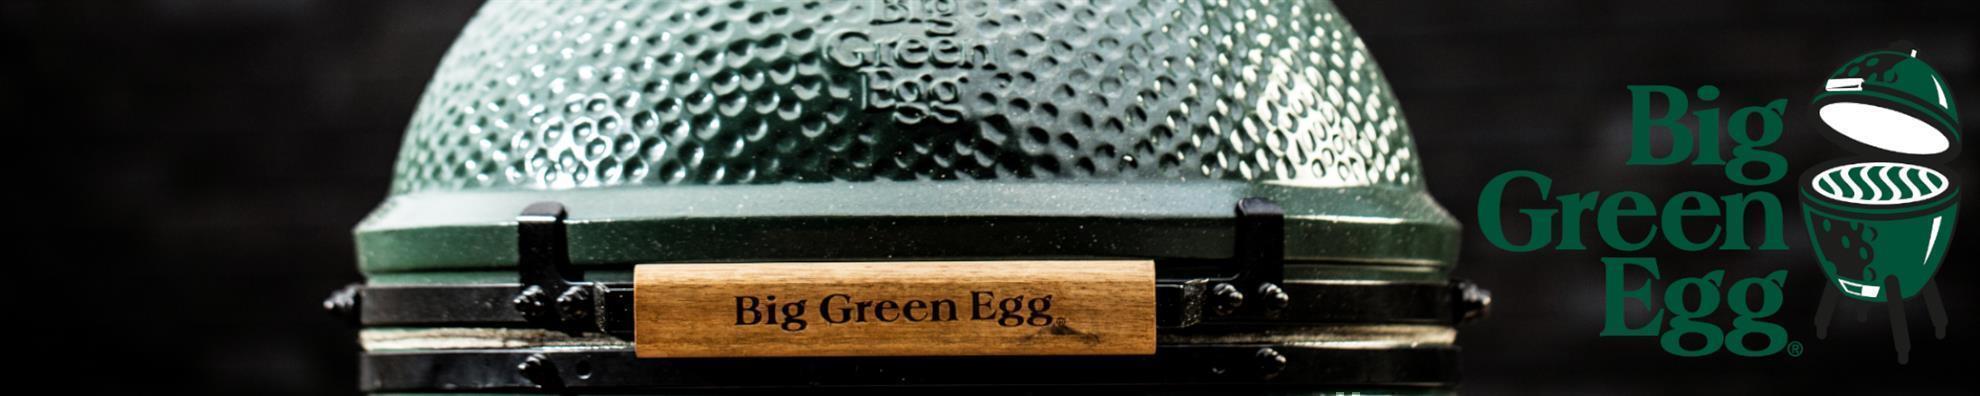 Big Green Egg - Tischnest XL